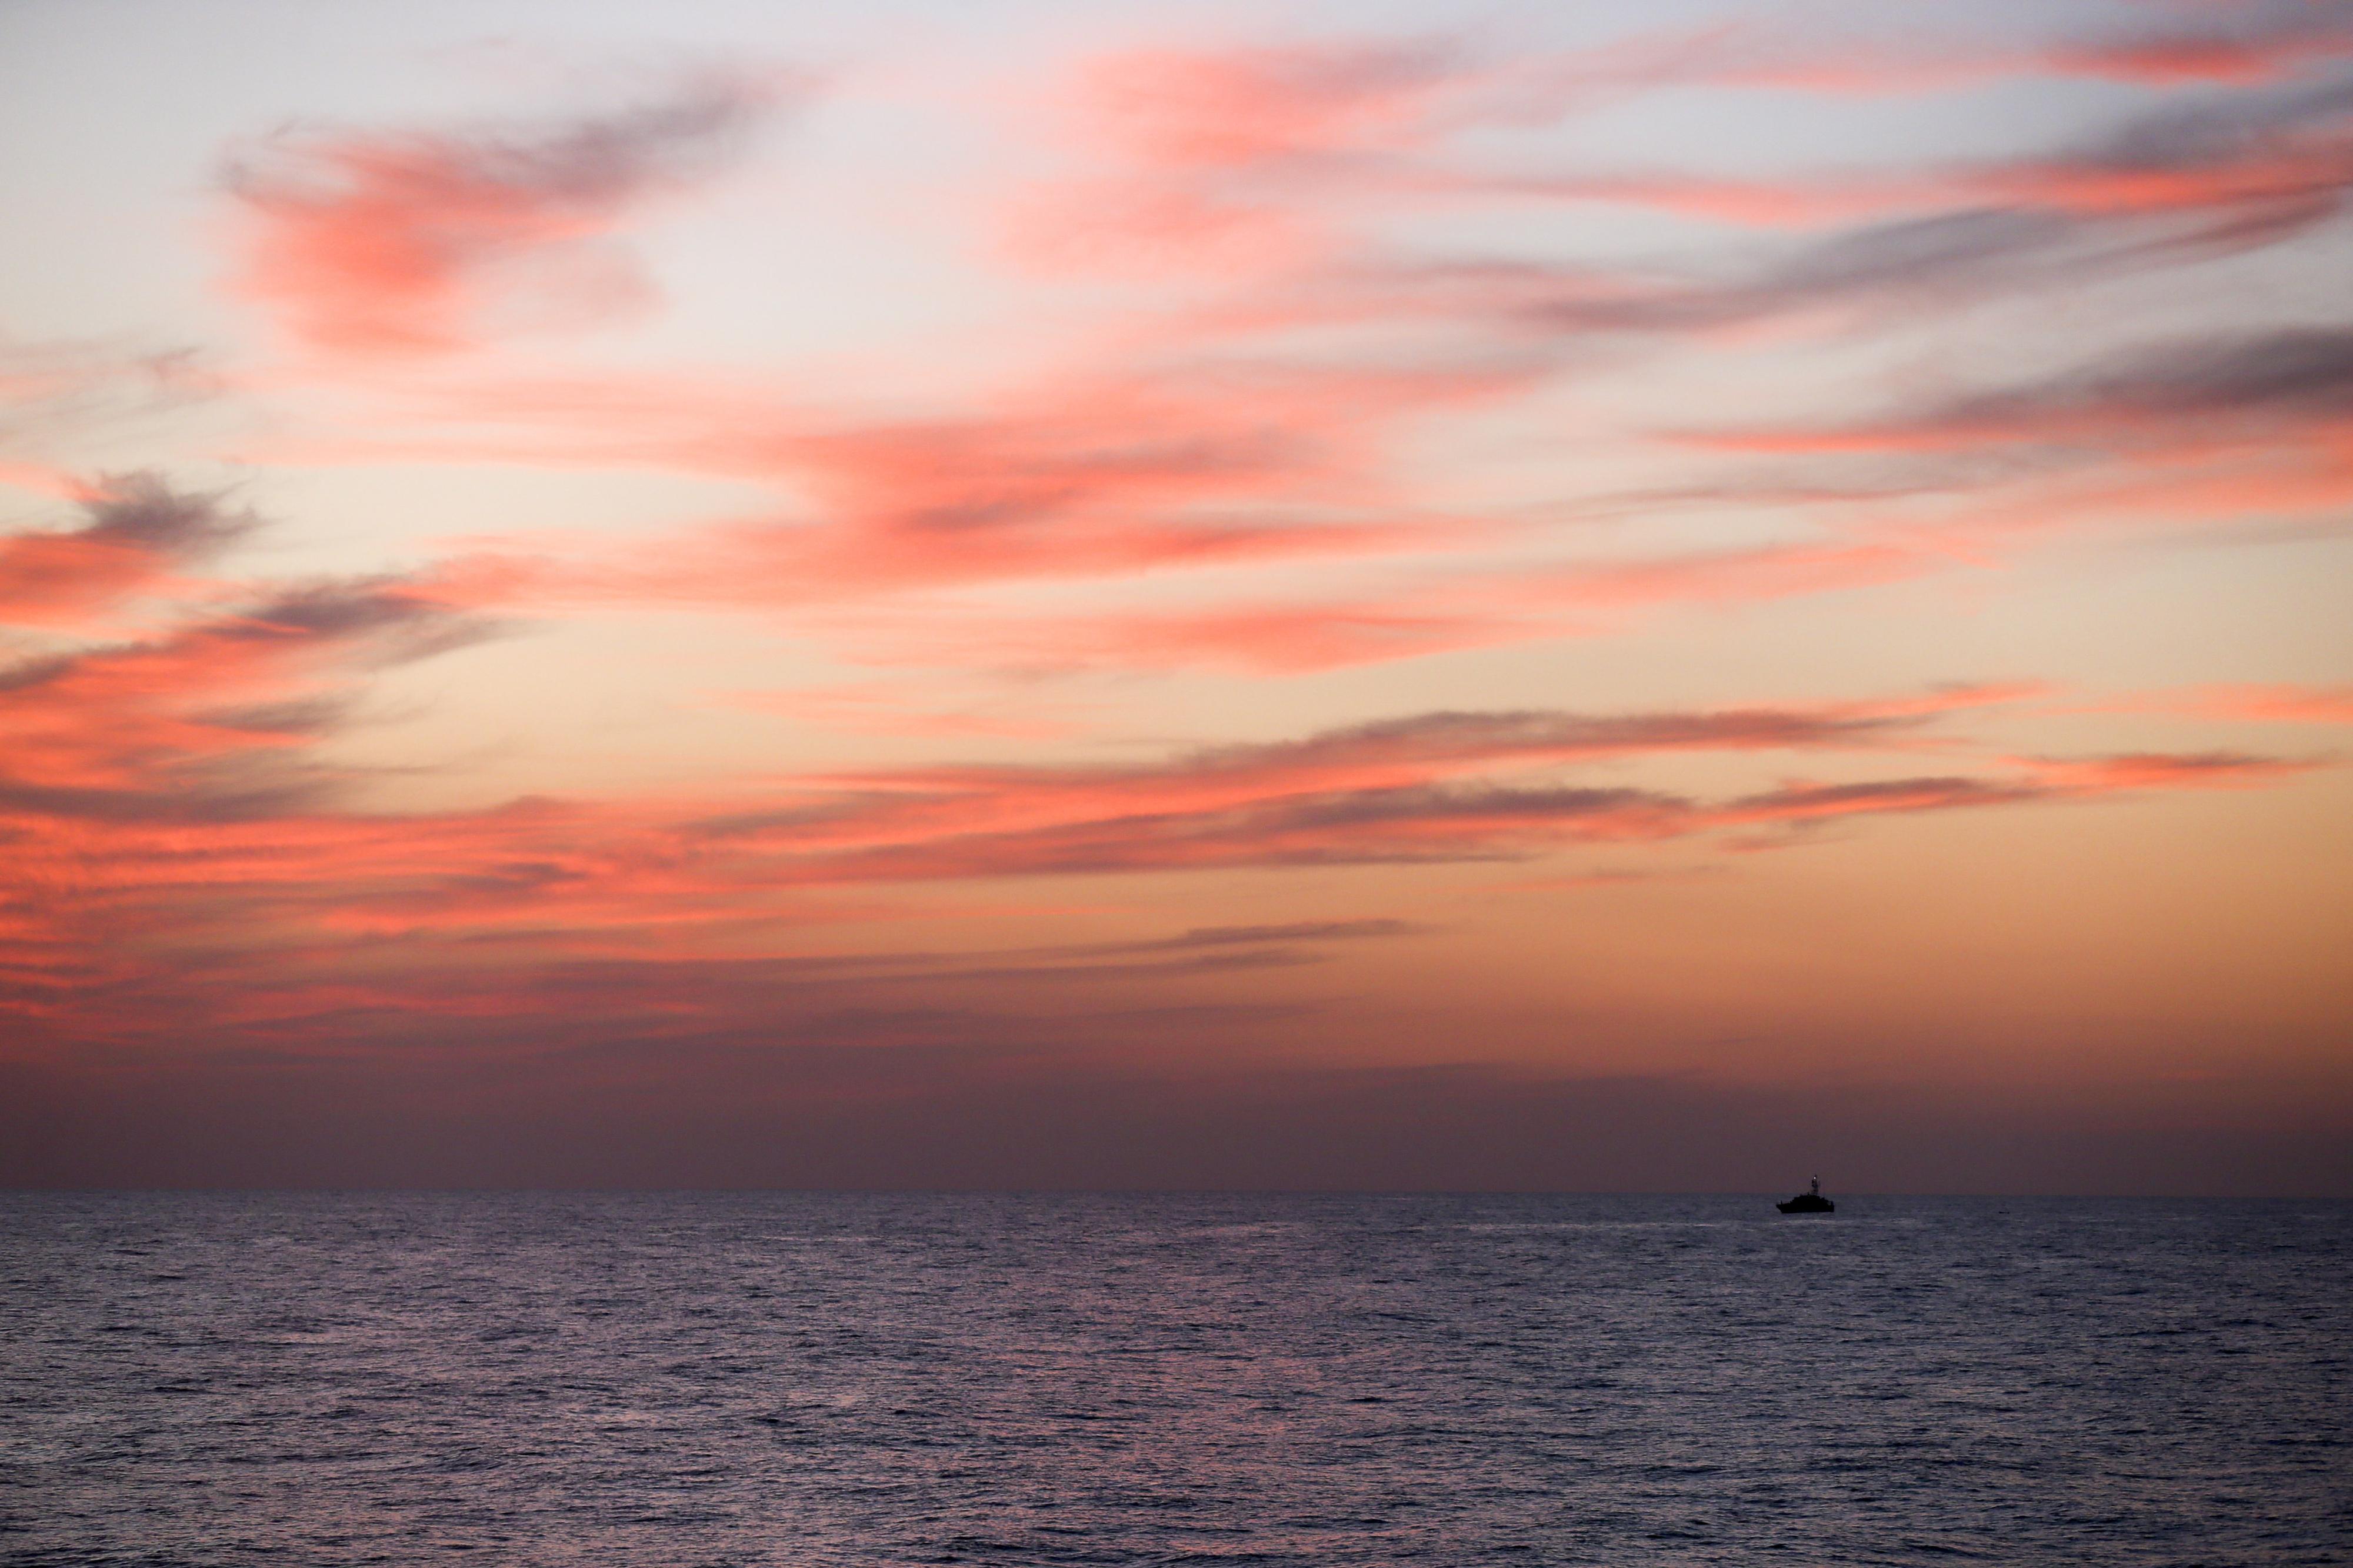 Património classificado está ameaçado pela subida das águas no Mediterrâneo